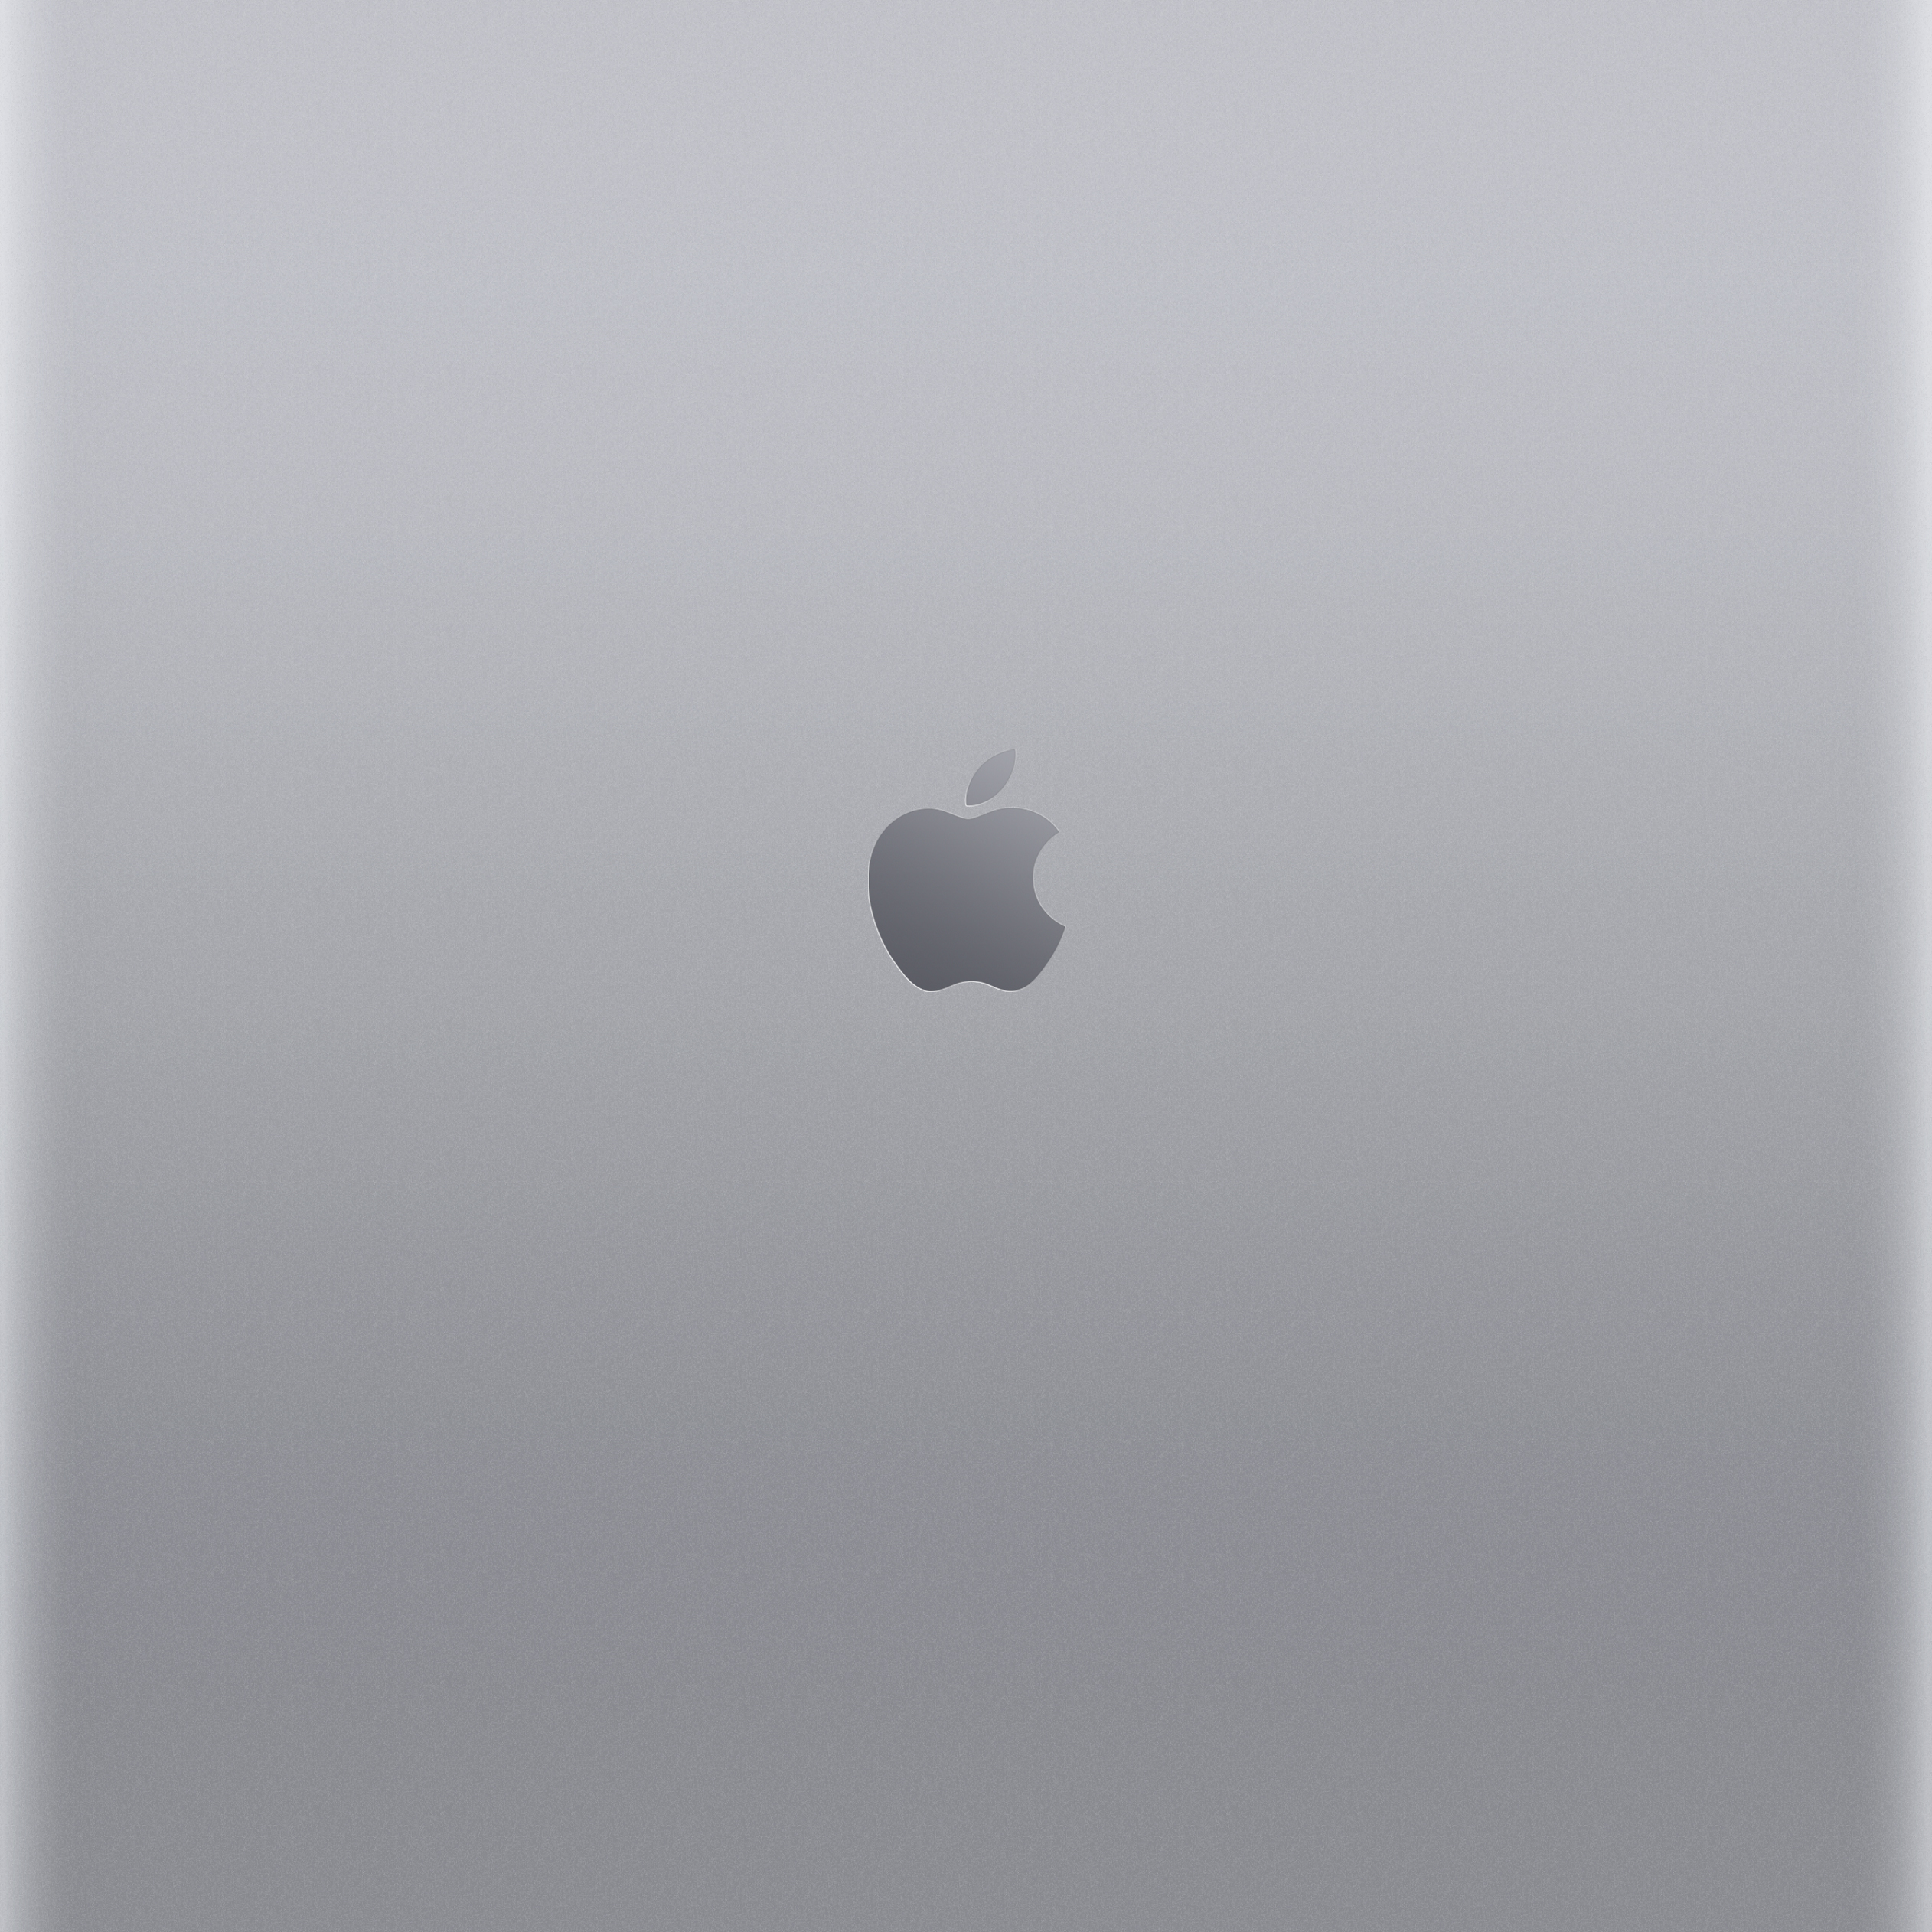 新しい Macbook の公式サイトや動画に登場するシャボン玉デザインの壁紙 気になる 記になる